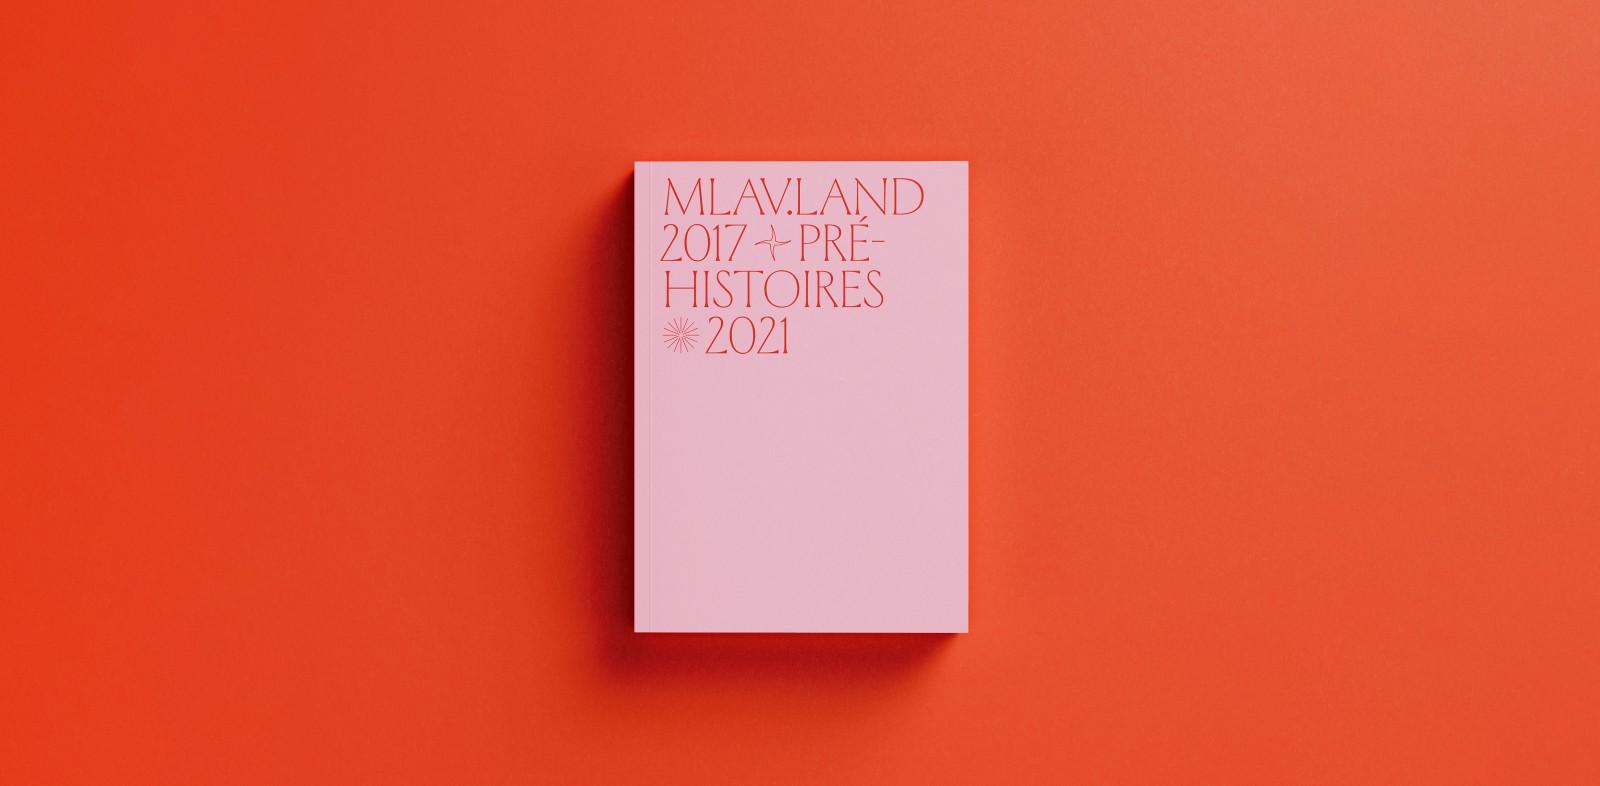 Collection 01 •  MLAV.LAND, Pré-Histoires (2017–2021)